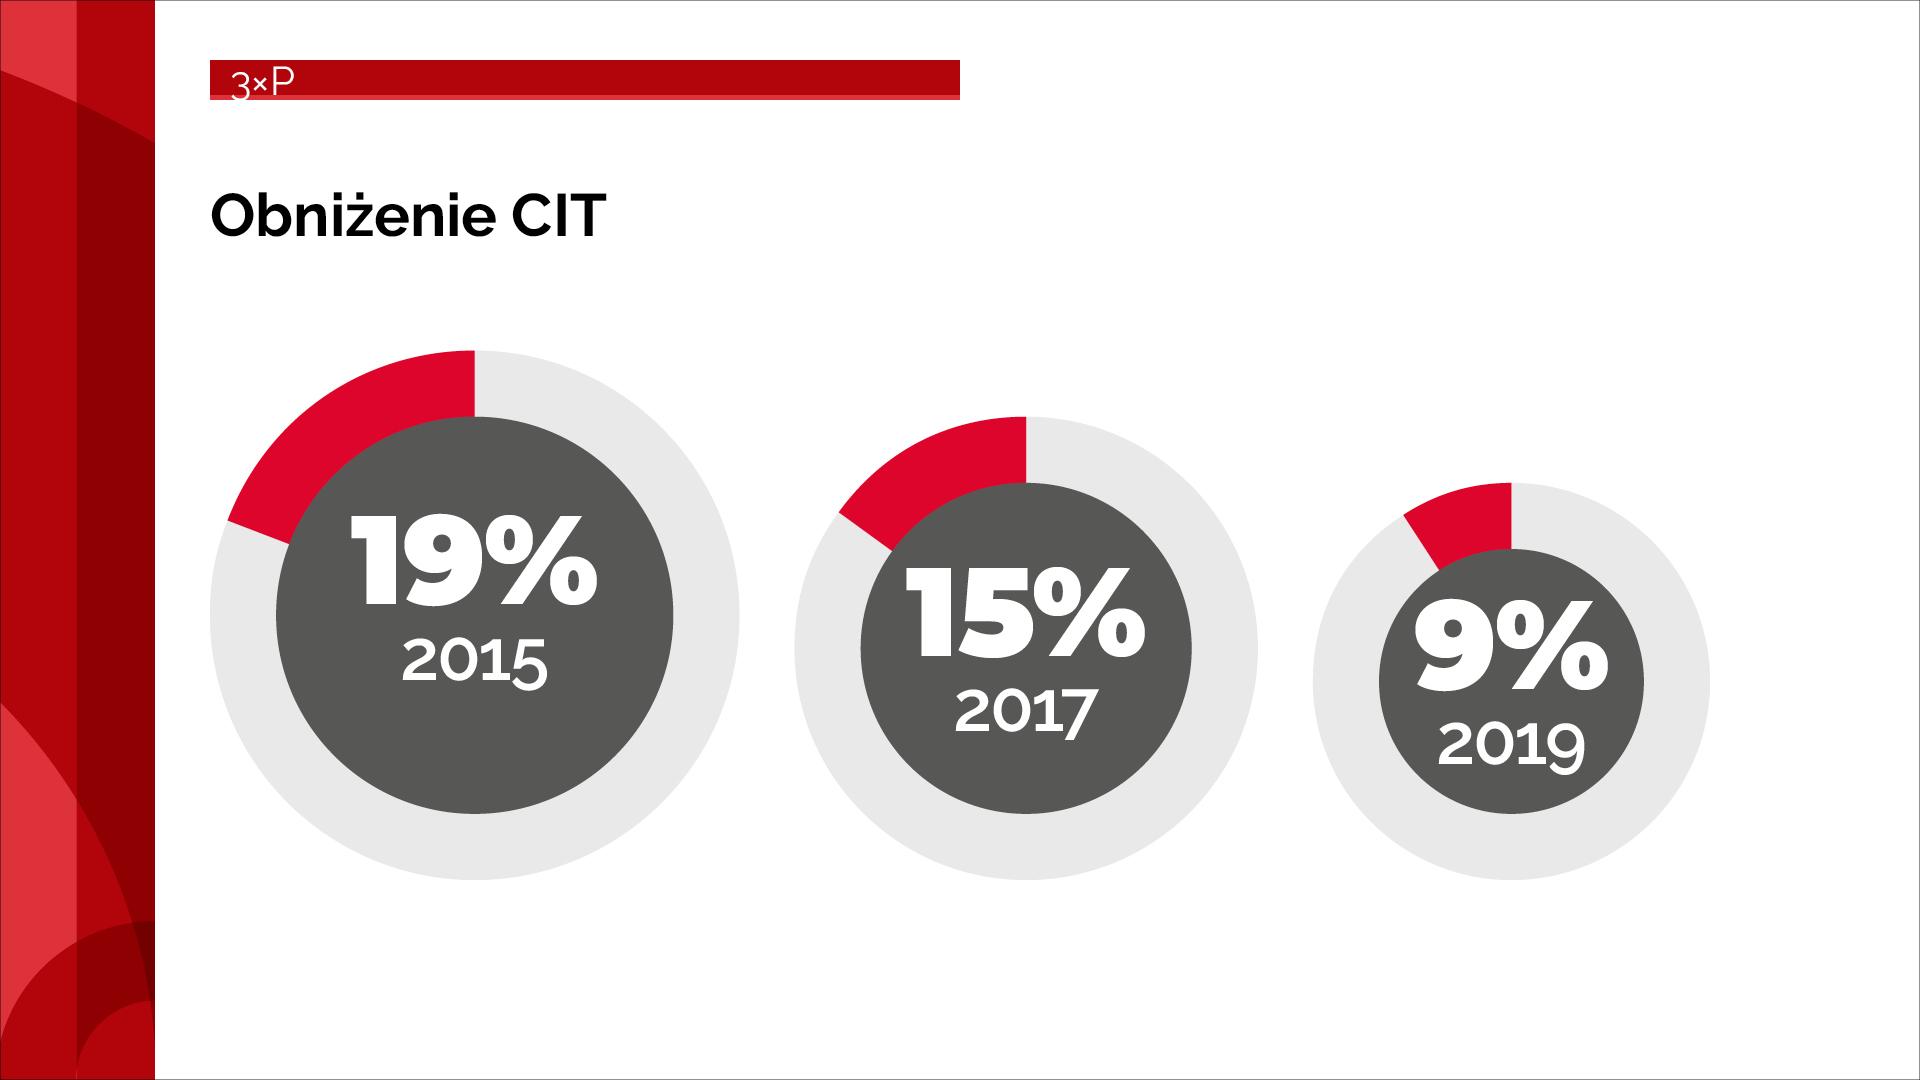 Obniżenie CIT do 9%